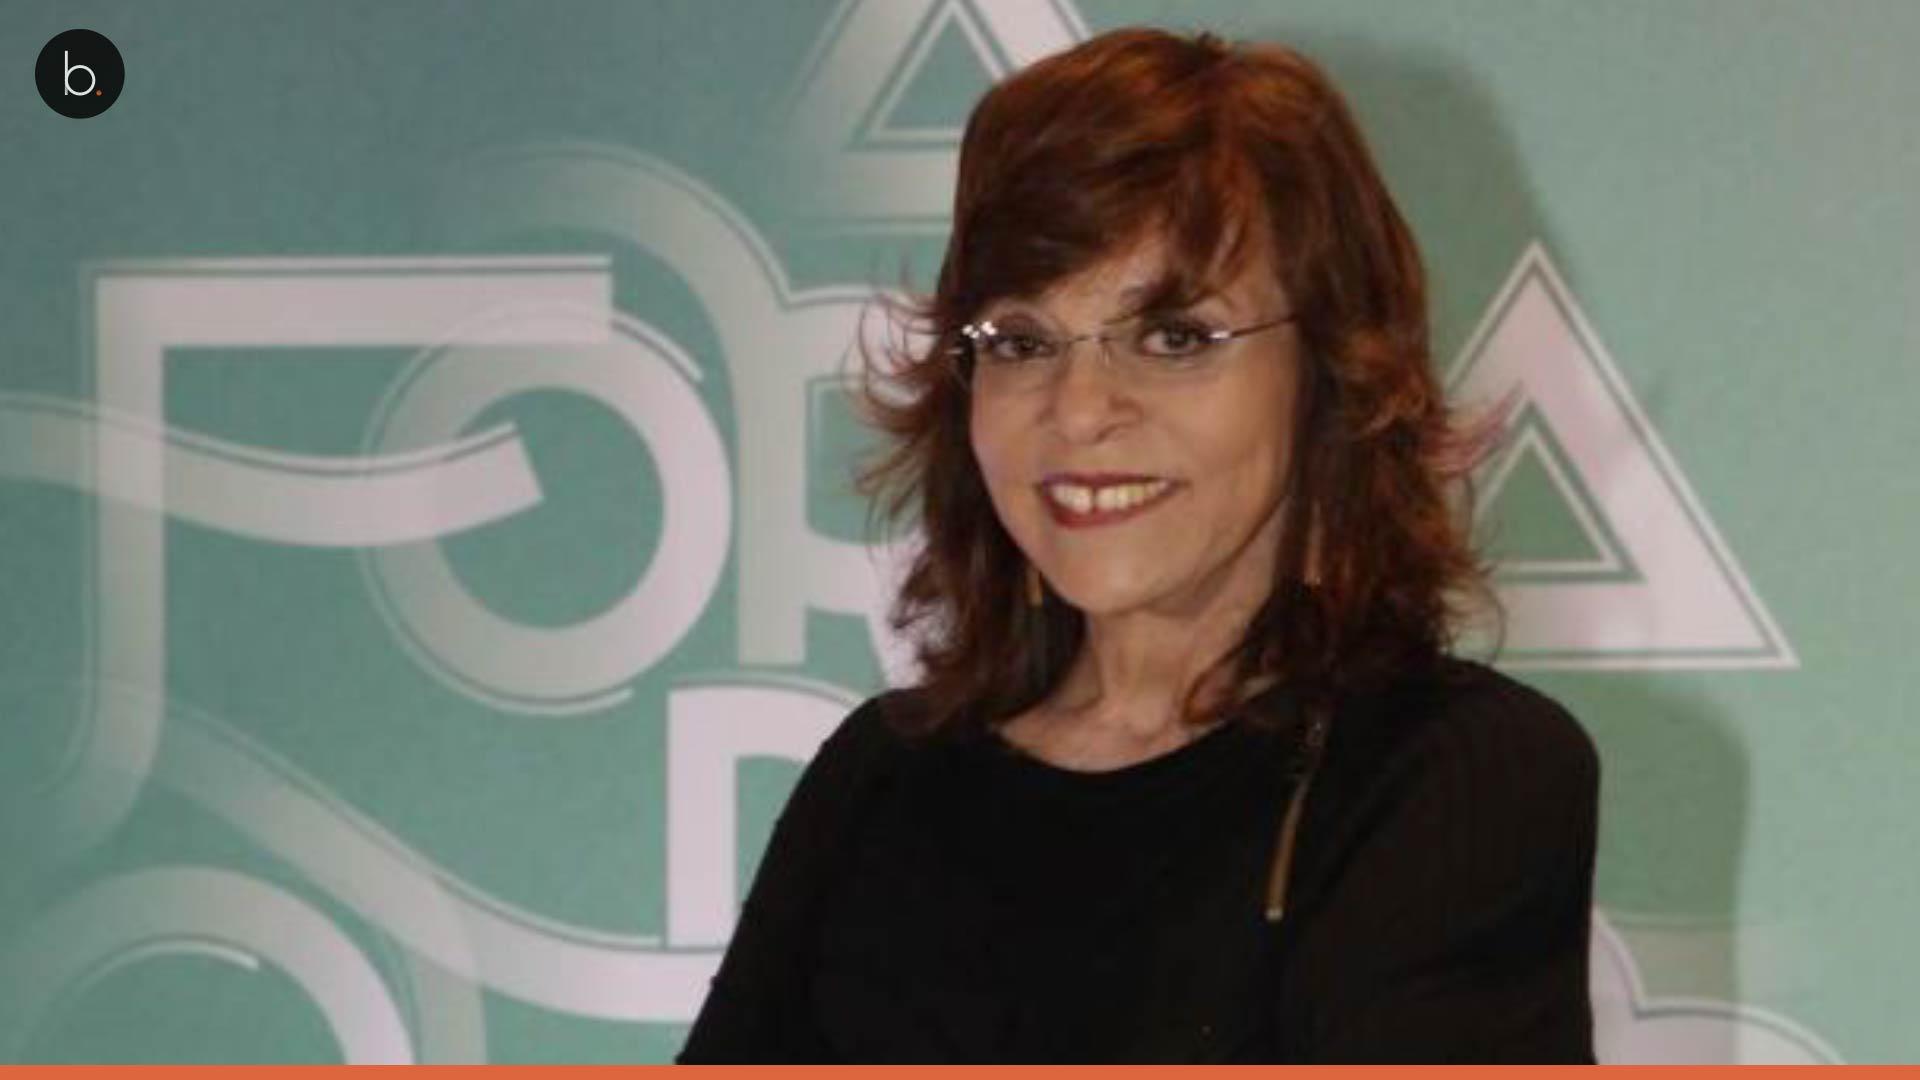 Sociedade questiona Gloria Perez sobre apologia ao crime em A Força do Querer